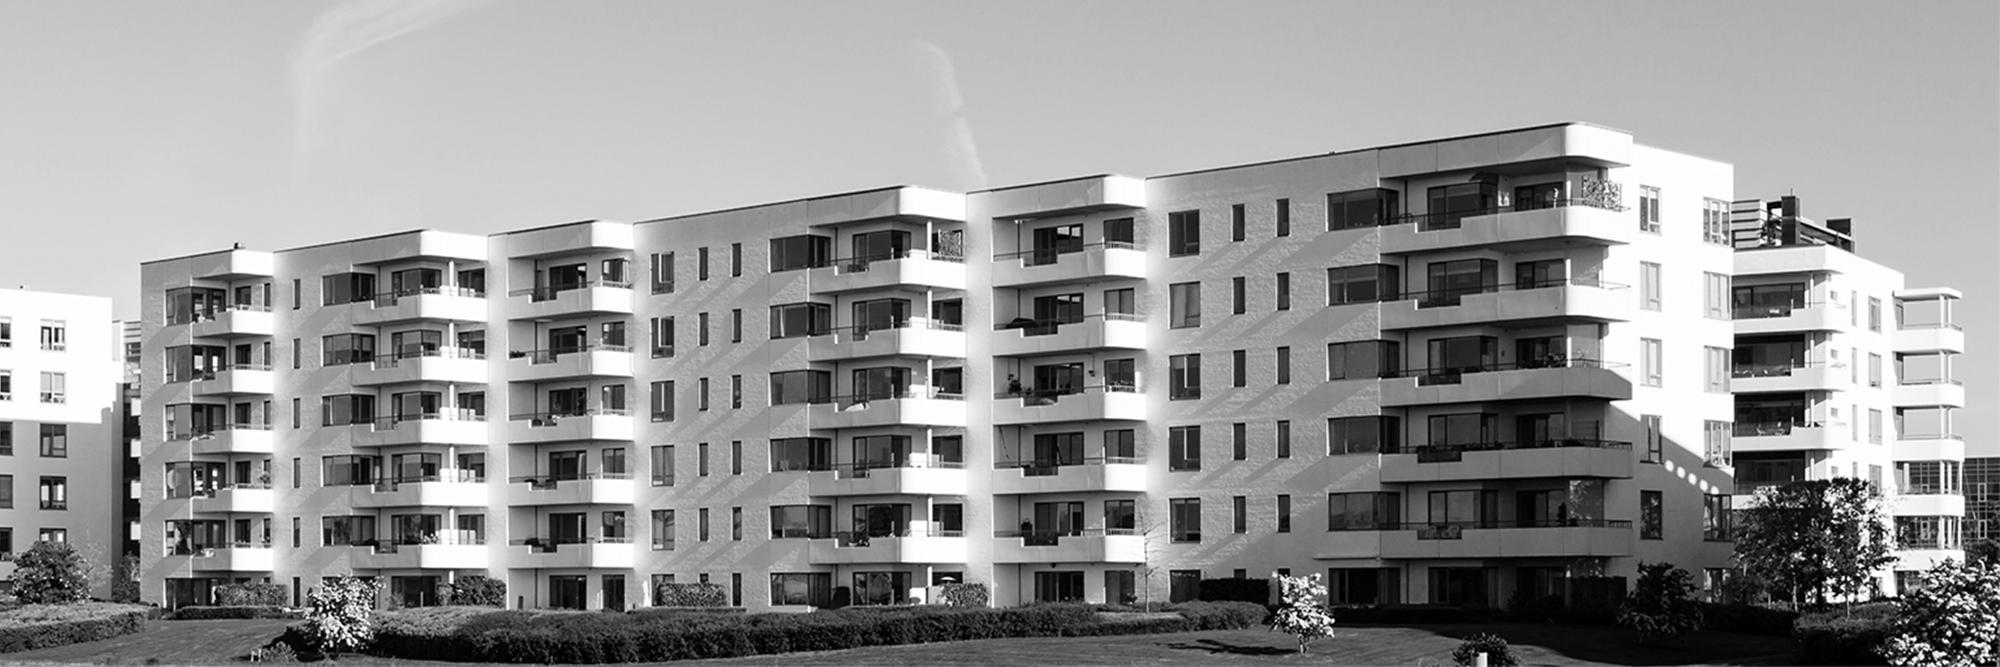 Condominiums Architecture